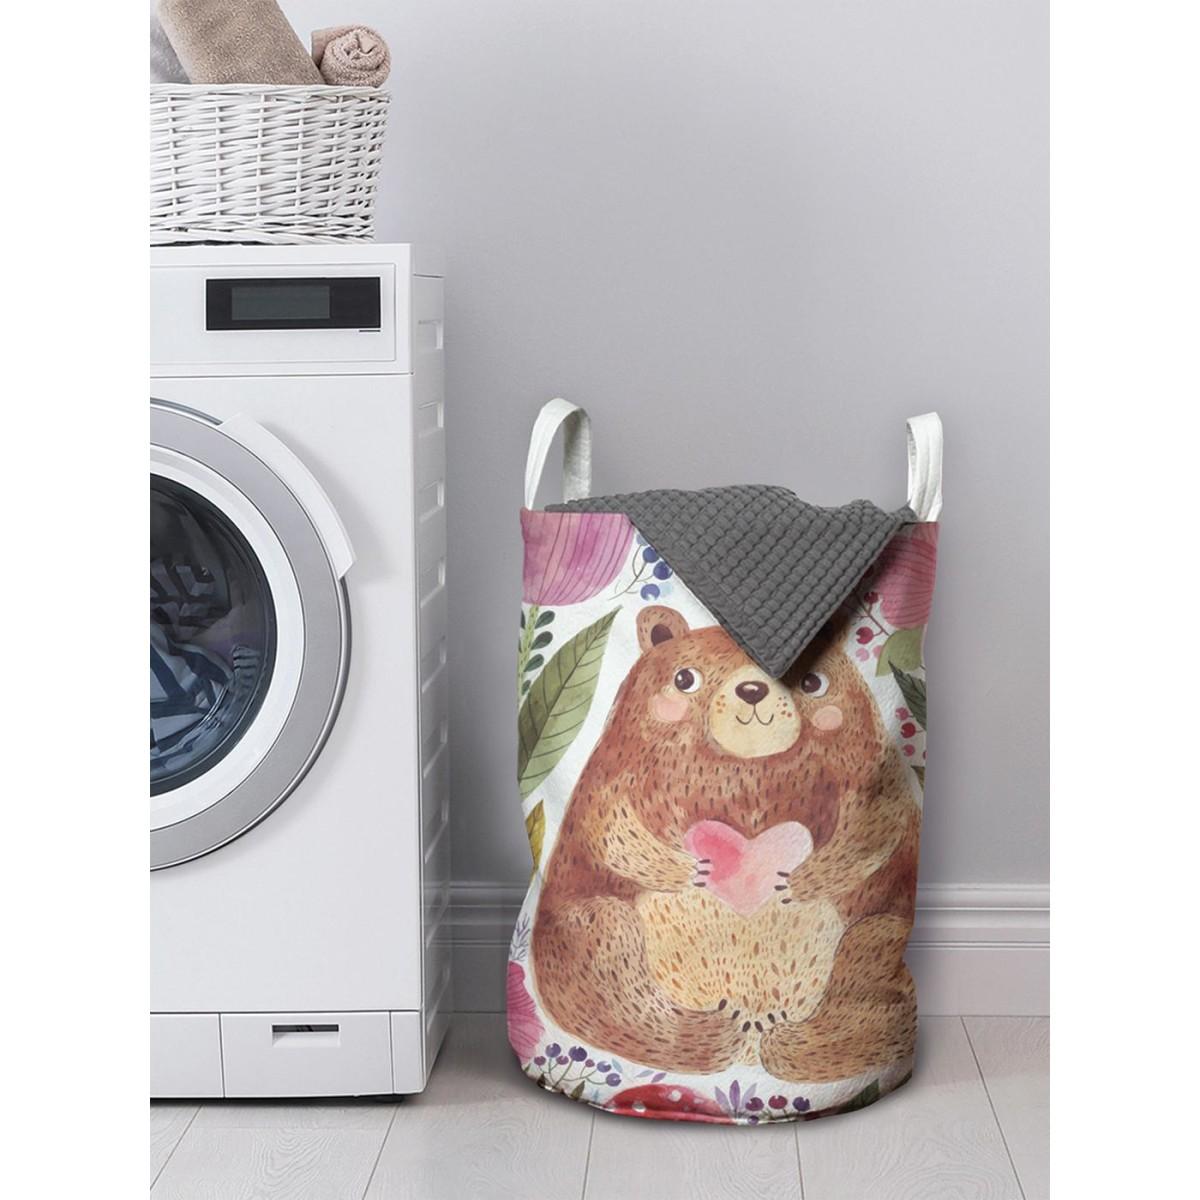 Корзина для хранения вещей Добрый медведь в цветах 35x50 см